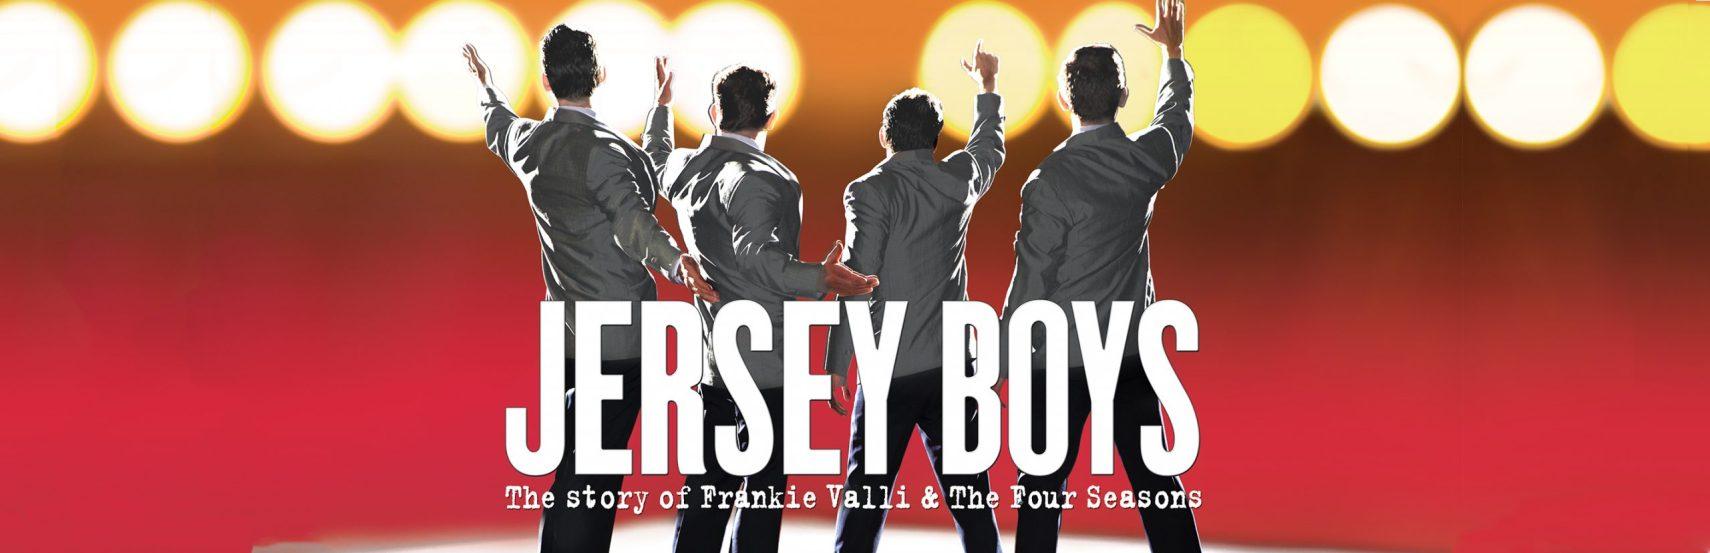 Jersey_webslide copy